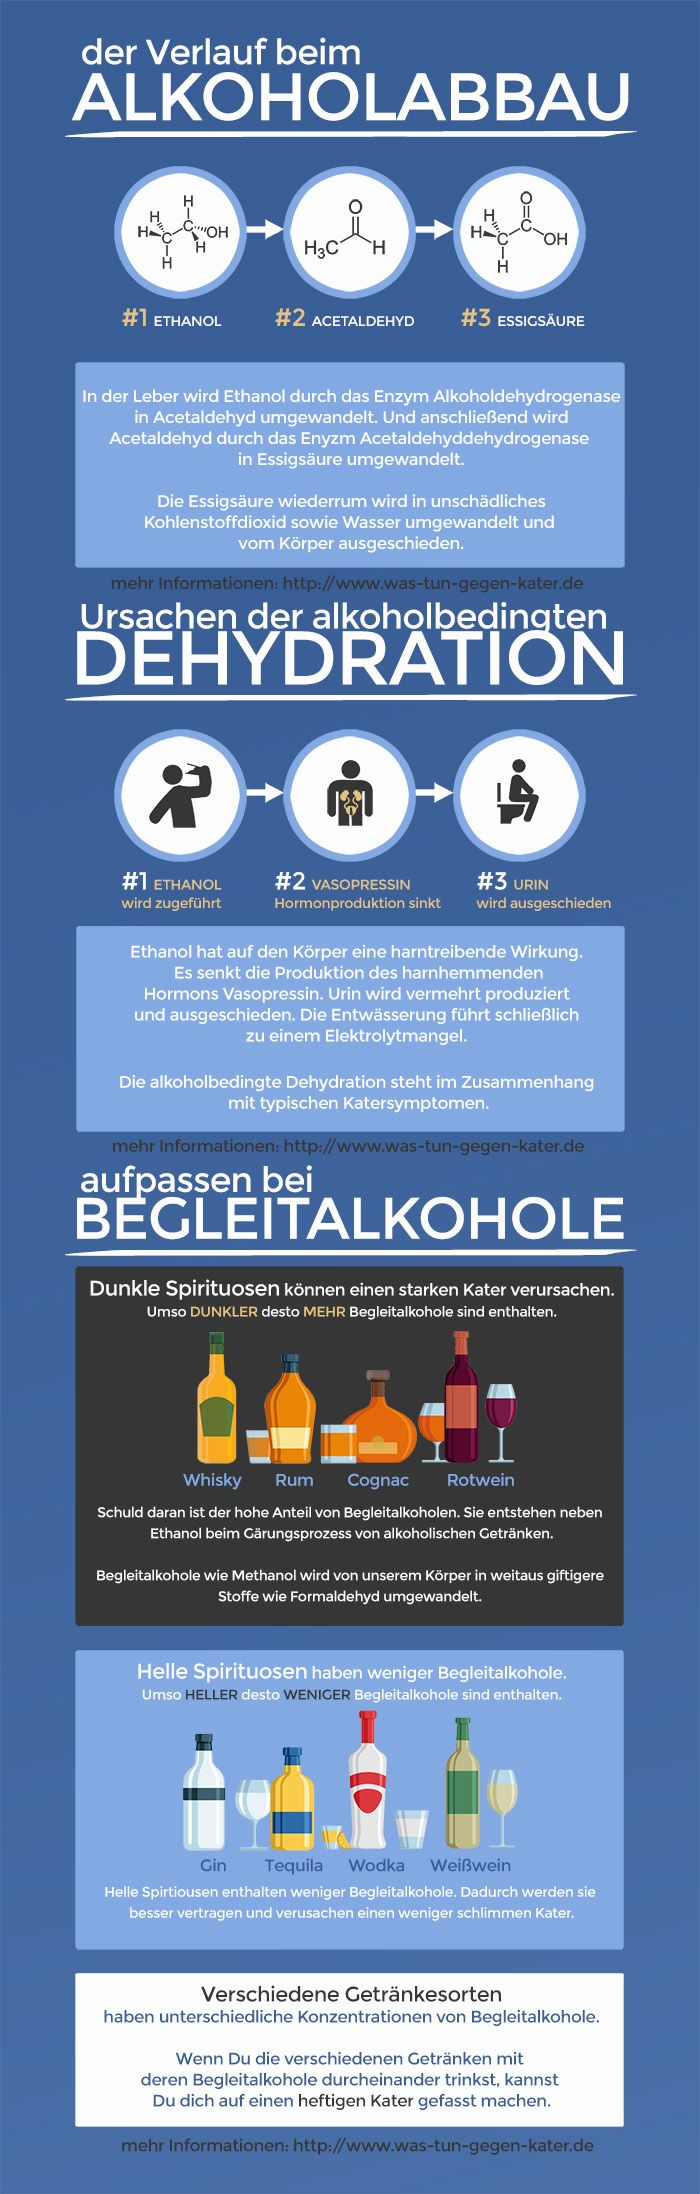 Bist du auf der Suche nach einem Mittel gegen Kater? Einen Kater vorbeugen mit den Informationen von: http://www.was-tun-gegen-kater.de